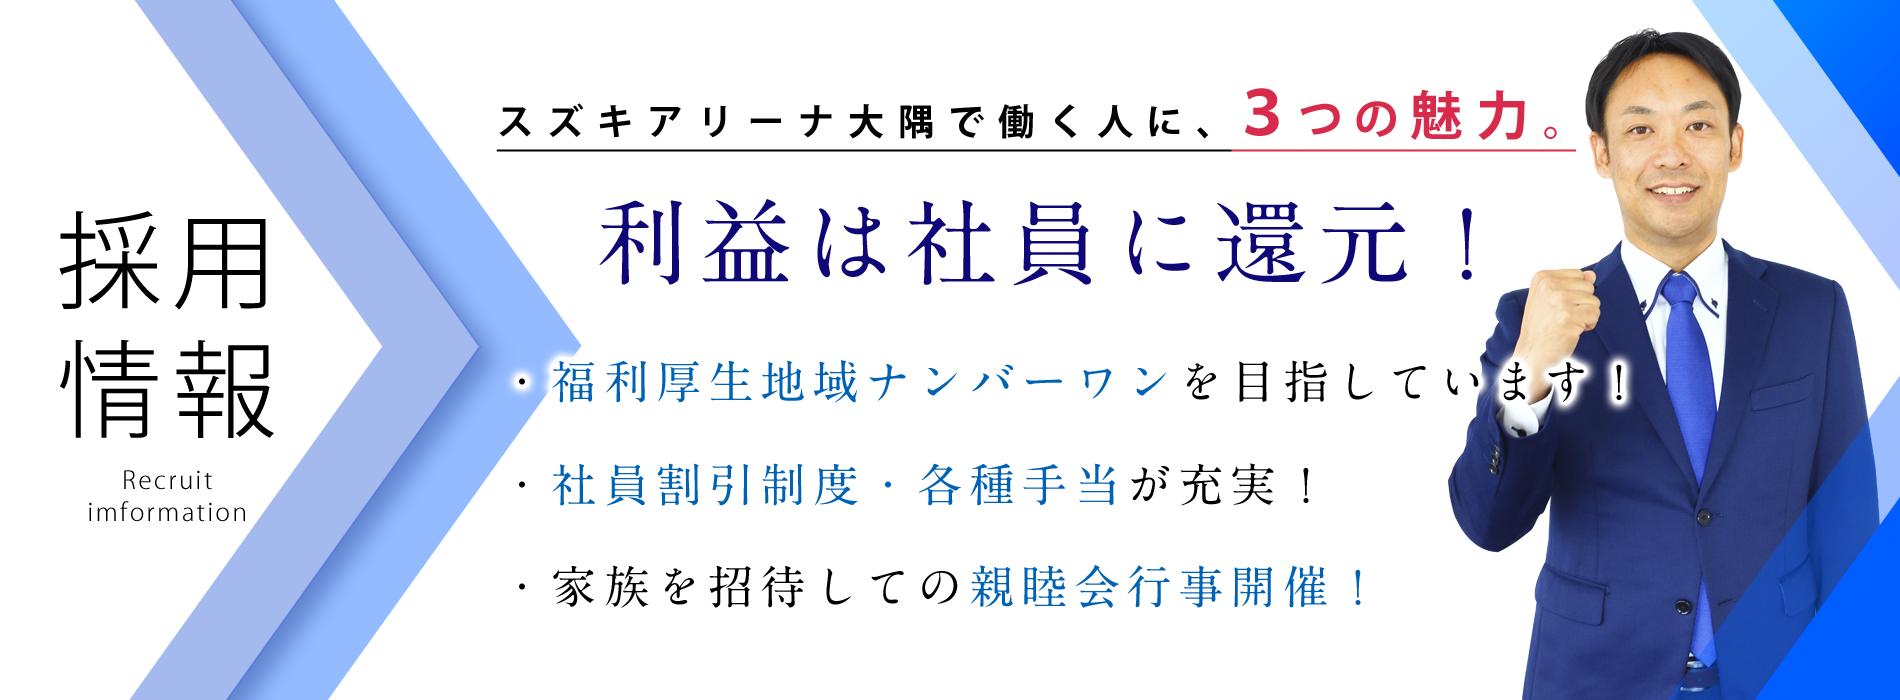 採用情報3